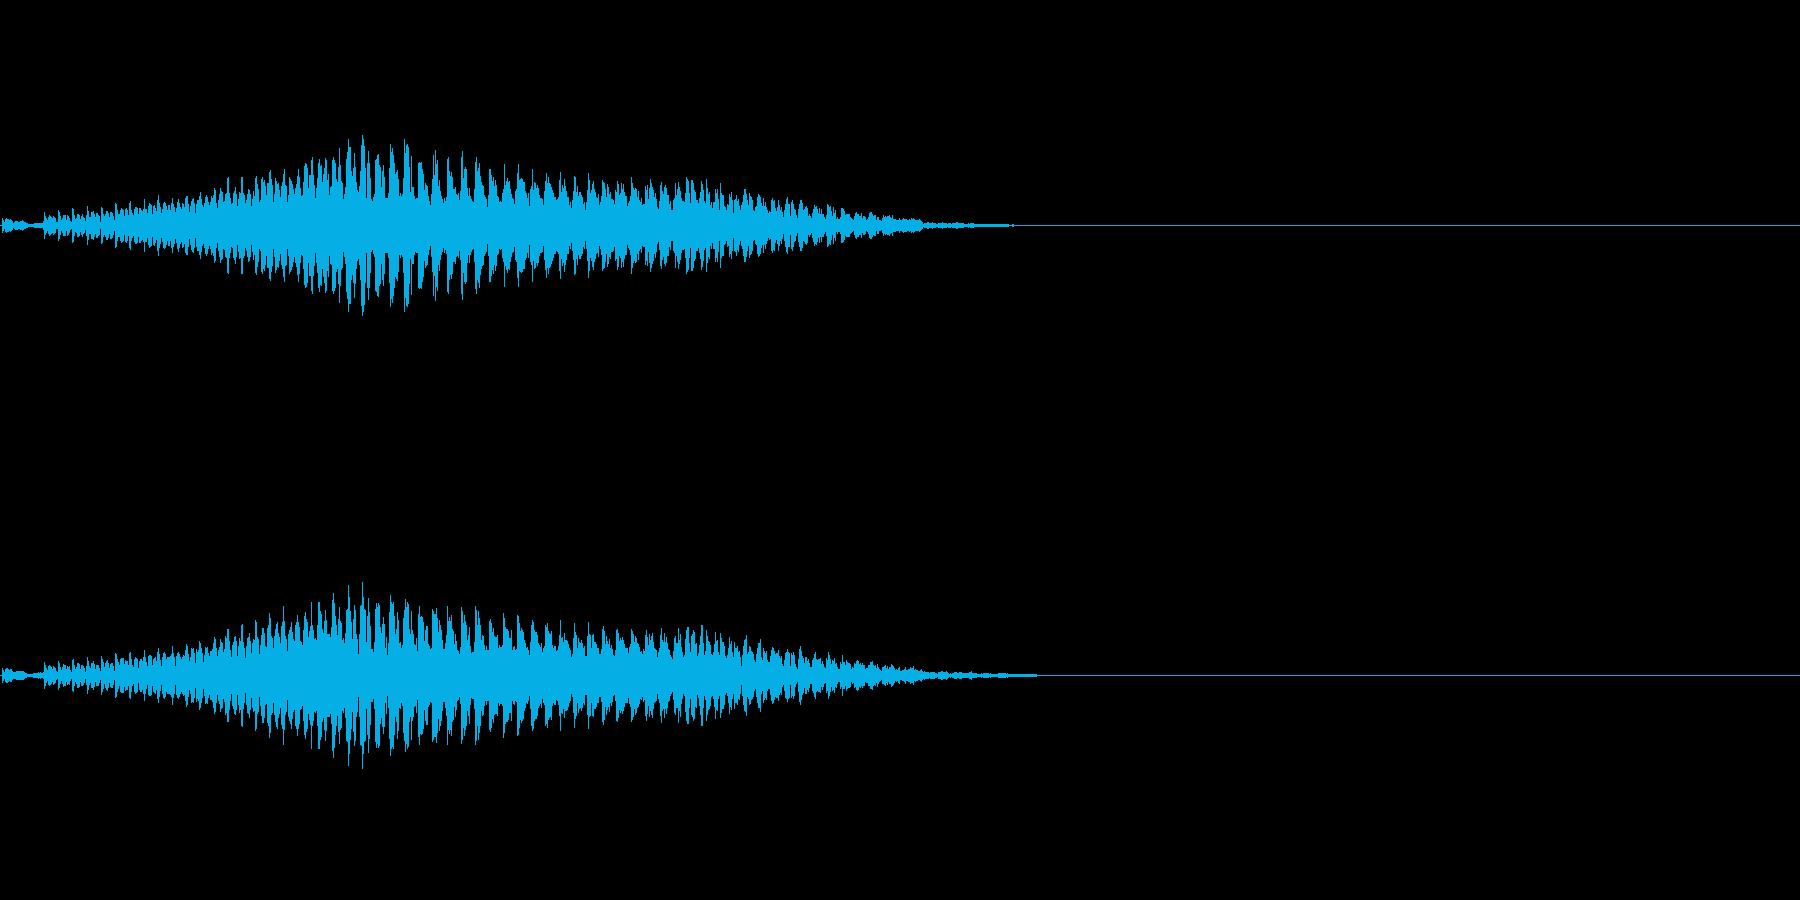 弱体化呪文のエフェクトの再生済みの波形